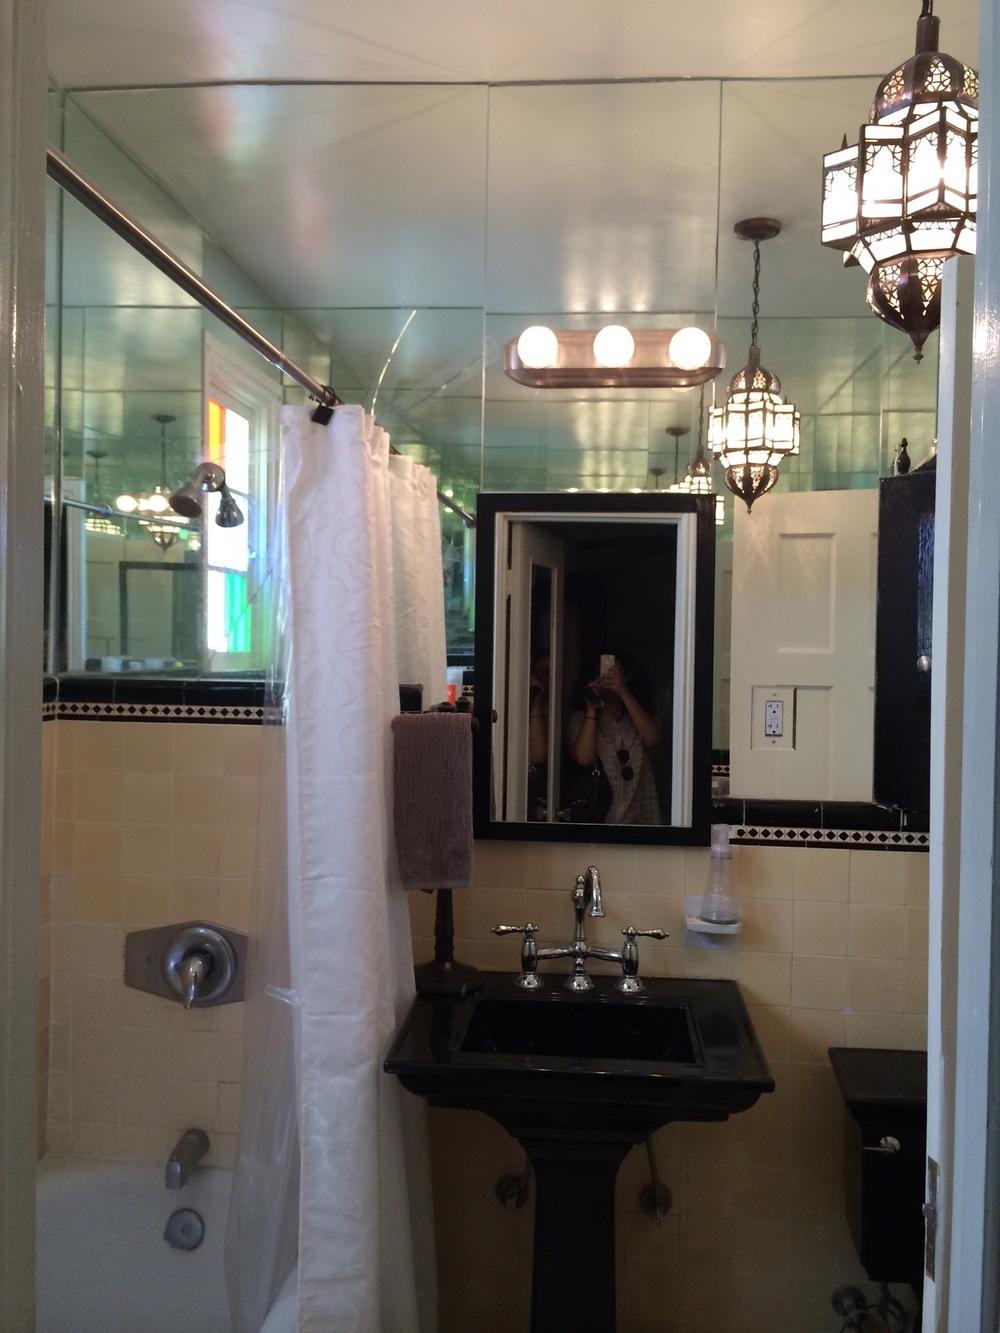 > Near identical bathroom, in similar unit